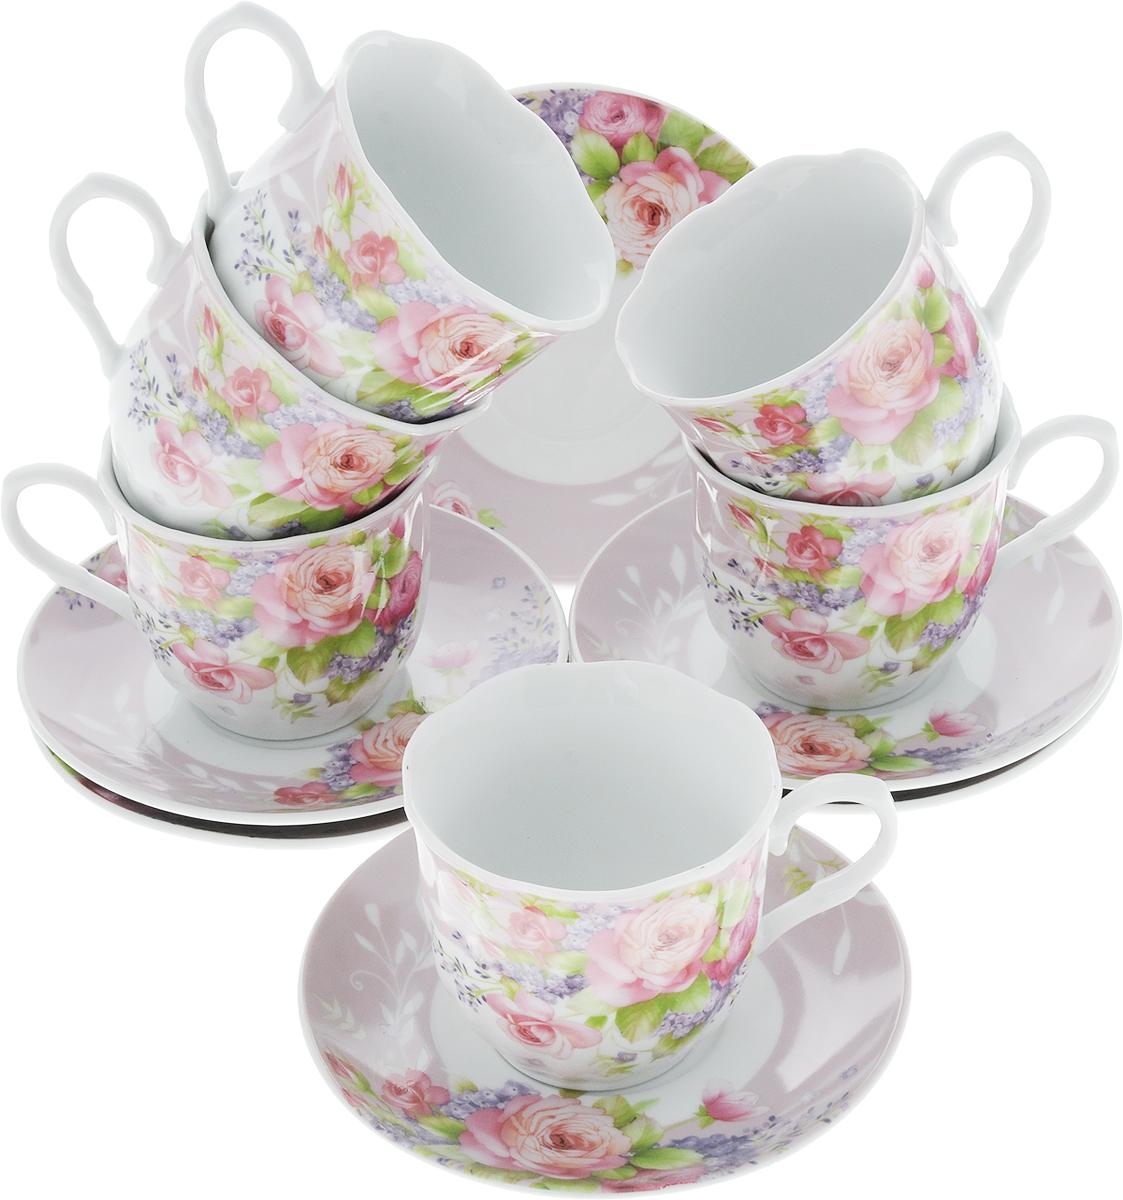 """Чайный сервиз Loraine """"Цветы"""", 220 мл, 12 предметов. 25910"""